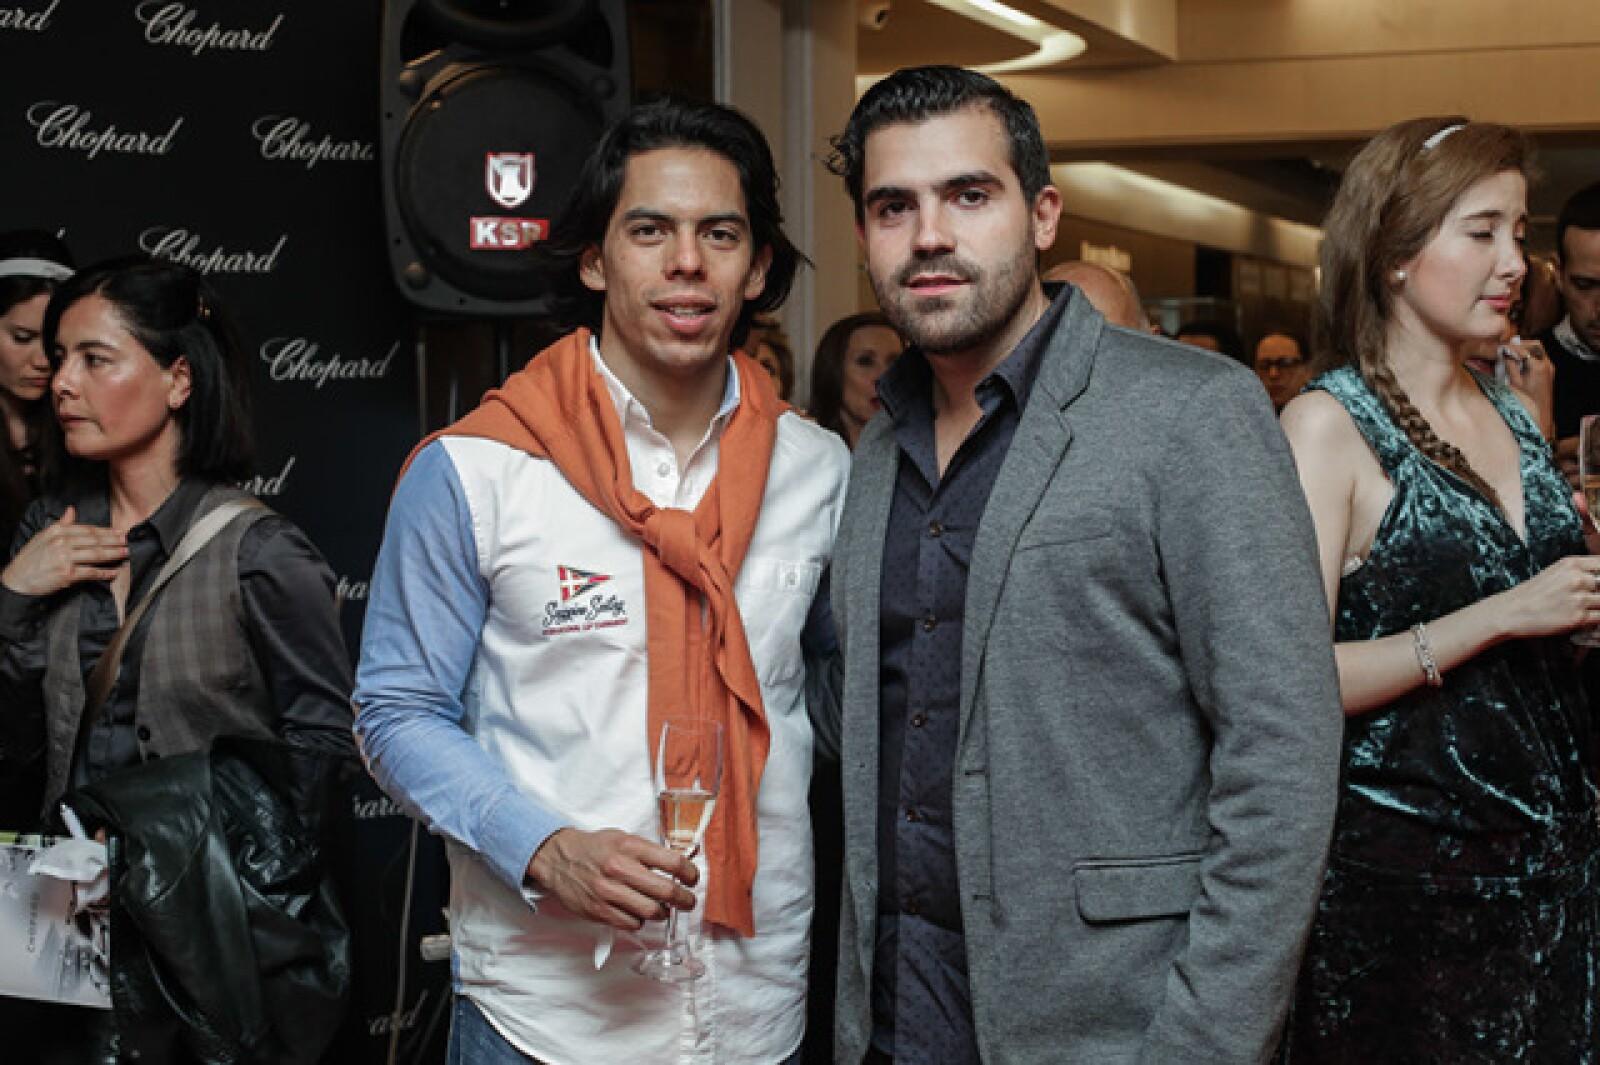 David Ordorica y Raúl Lozada